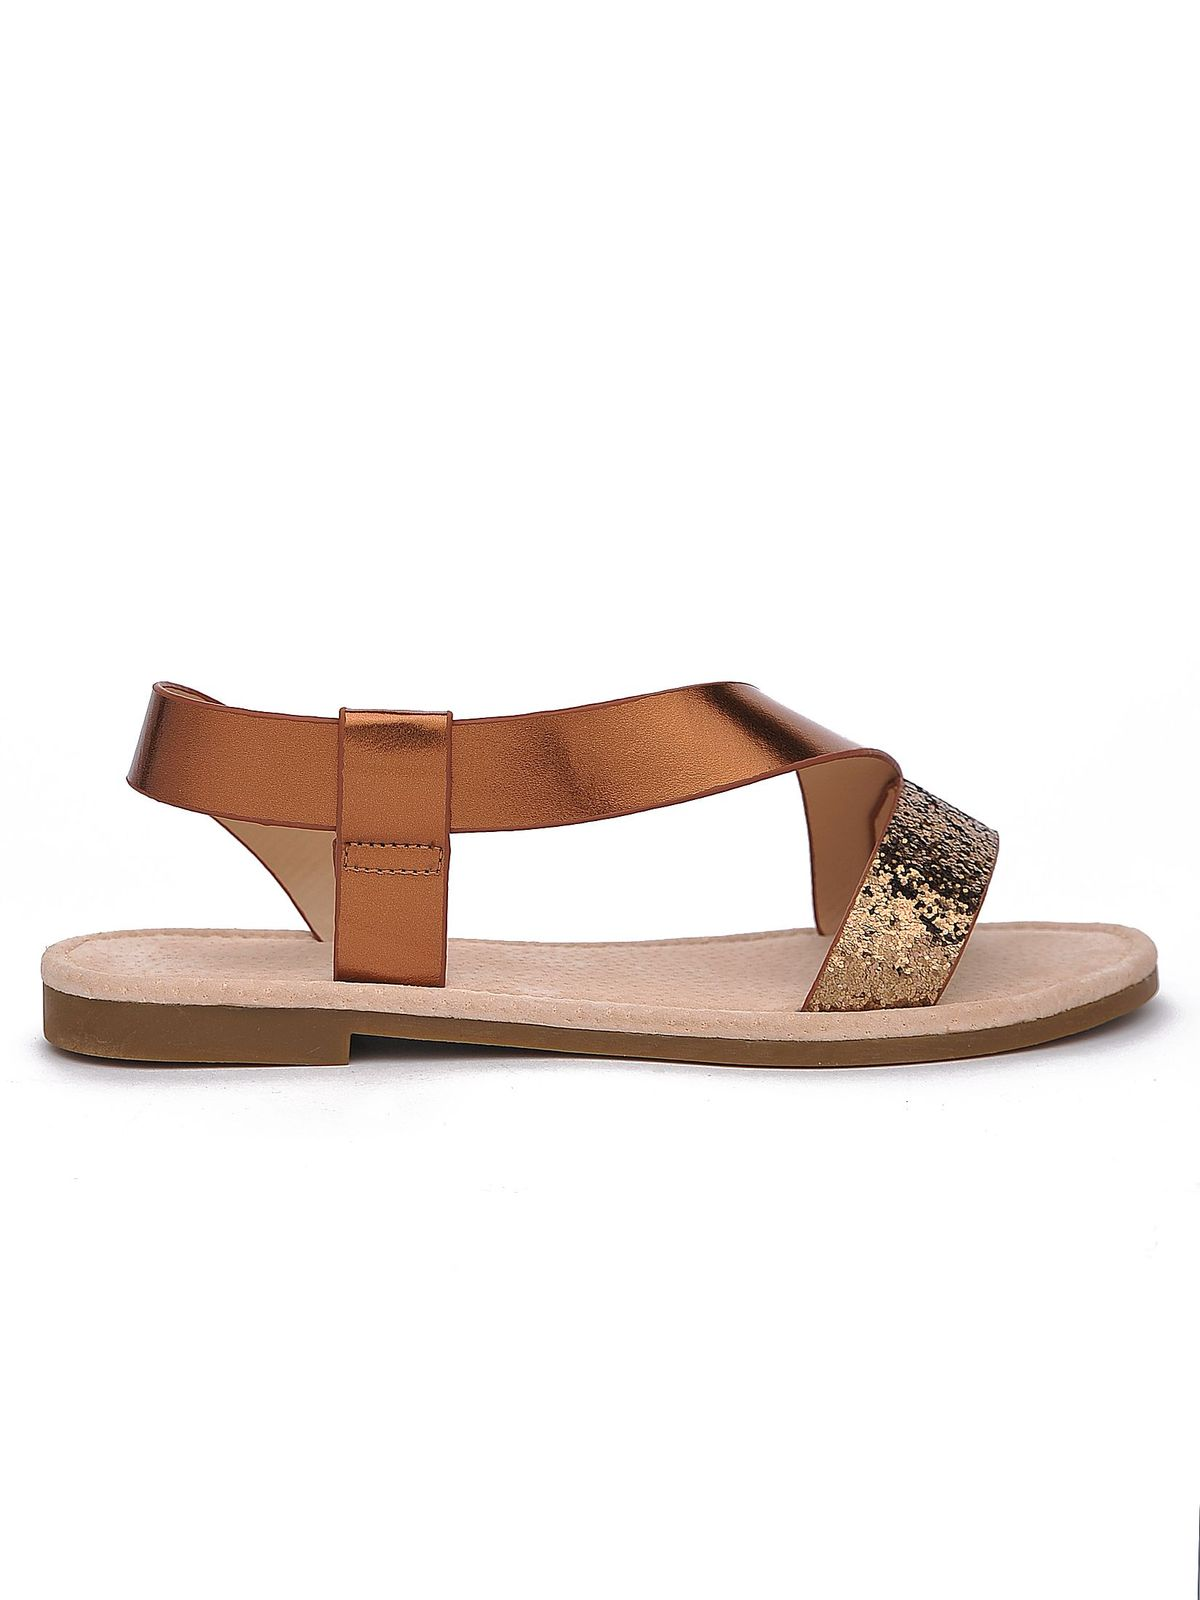 Sandale Top Secret piersica casual din piele ecologica cu talpa joasa